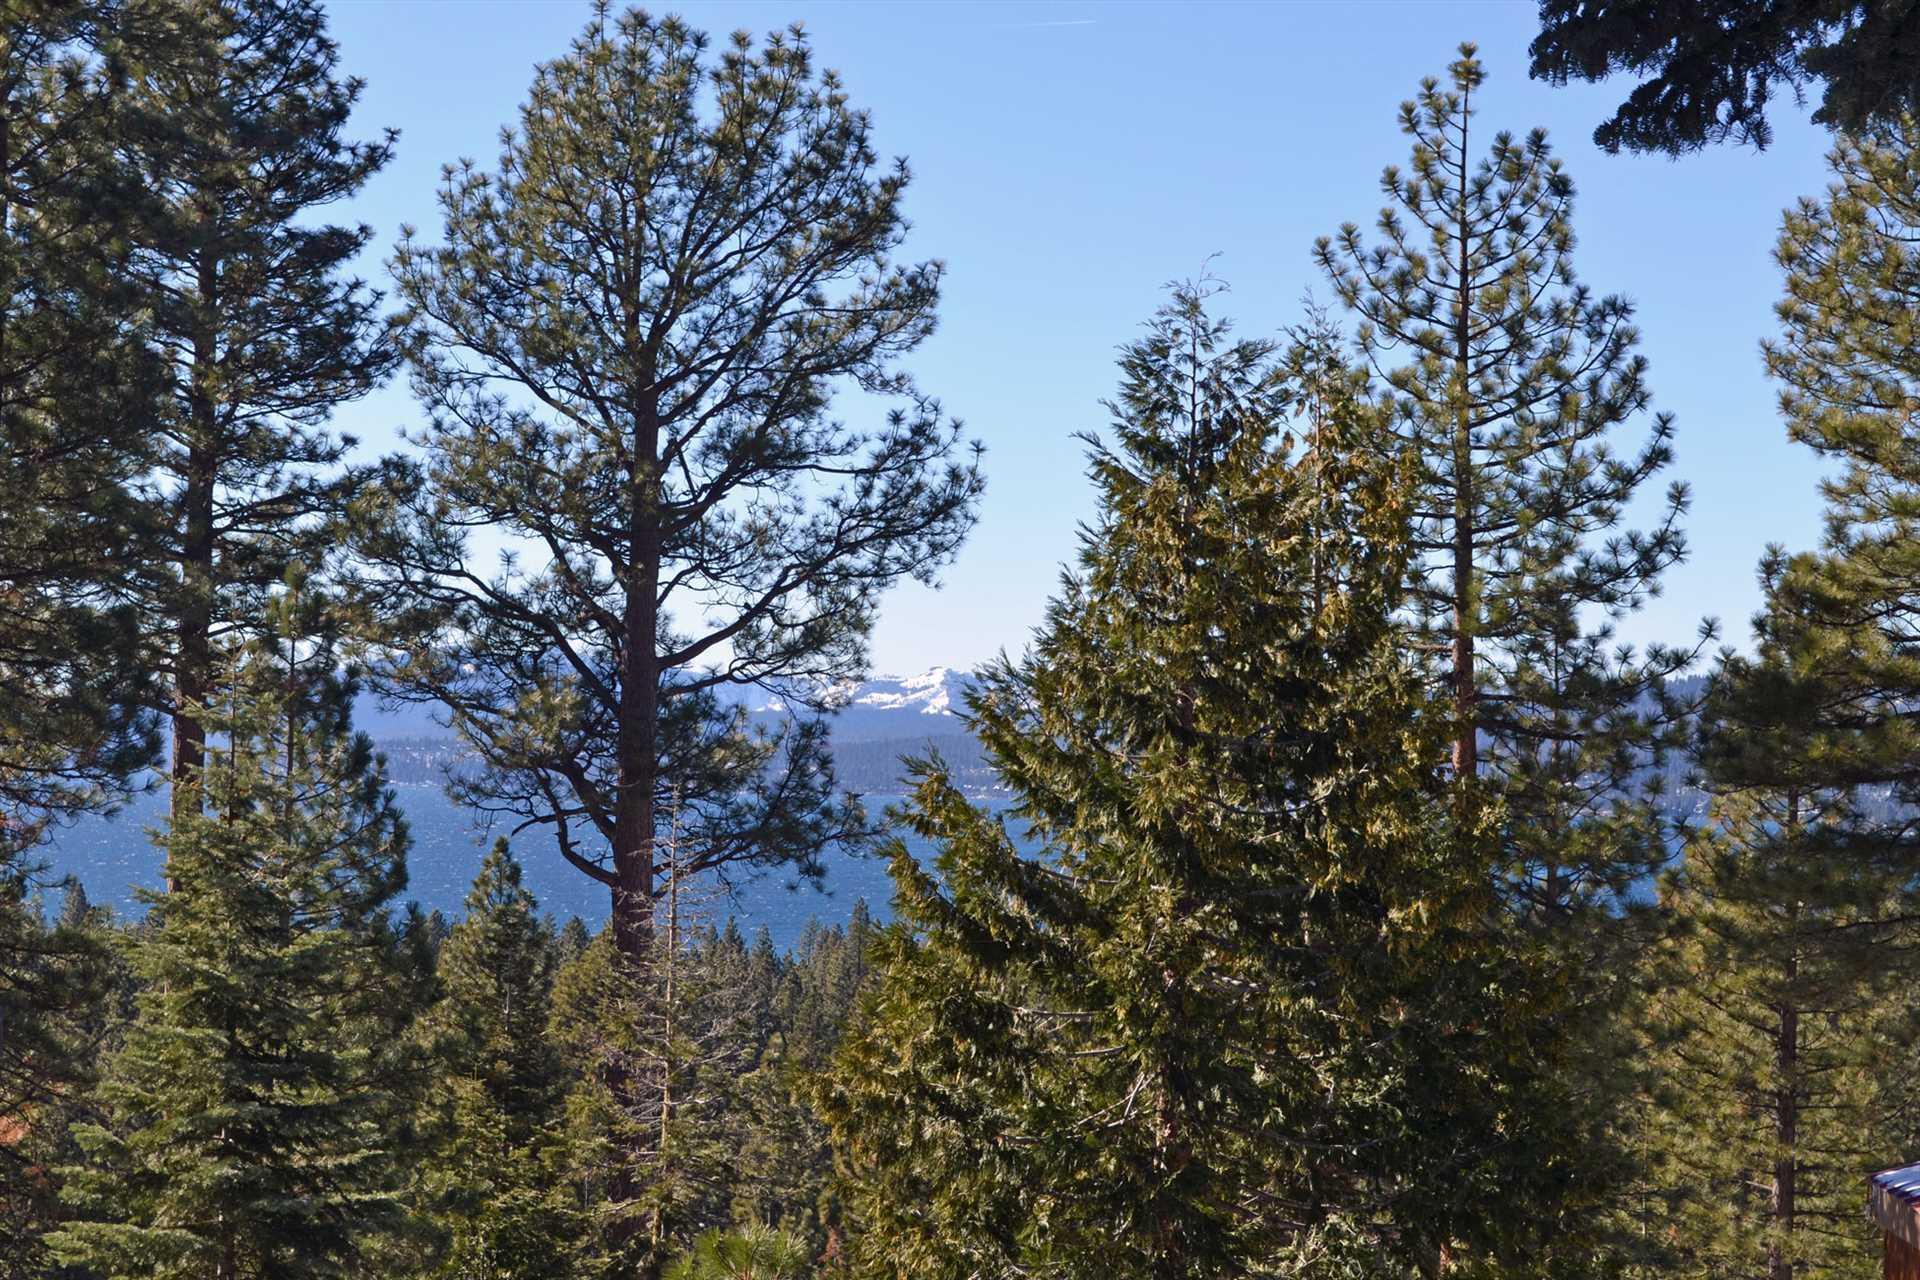 Views of Lake Tahoe